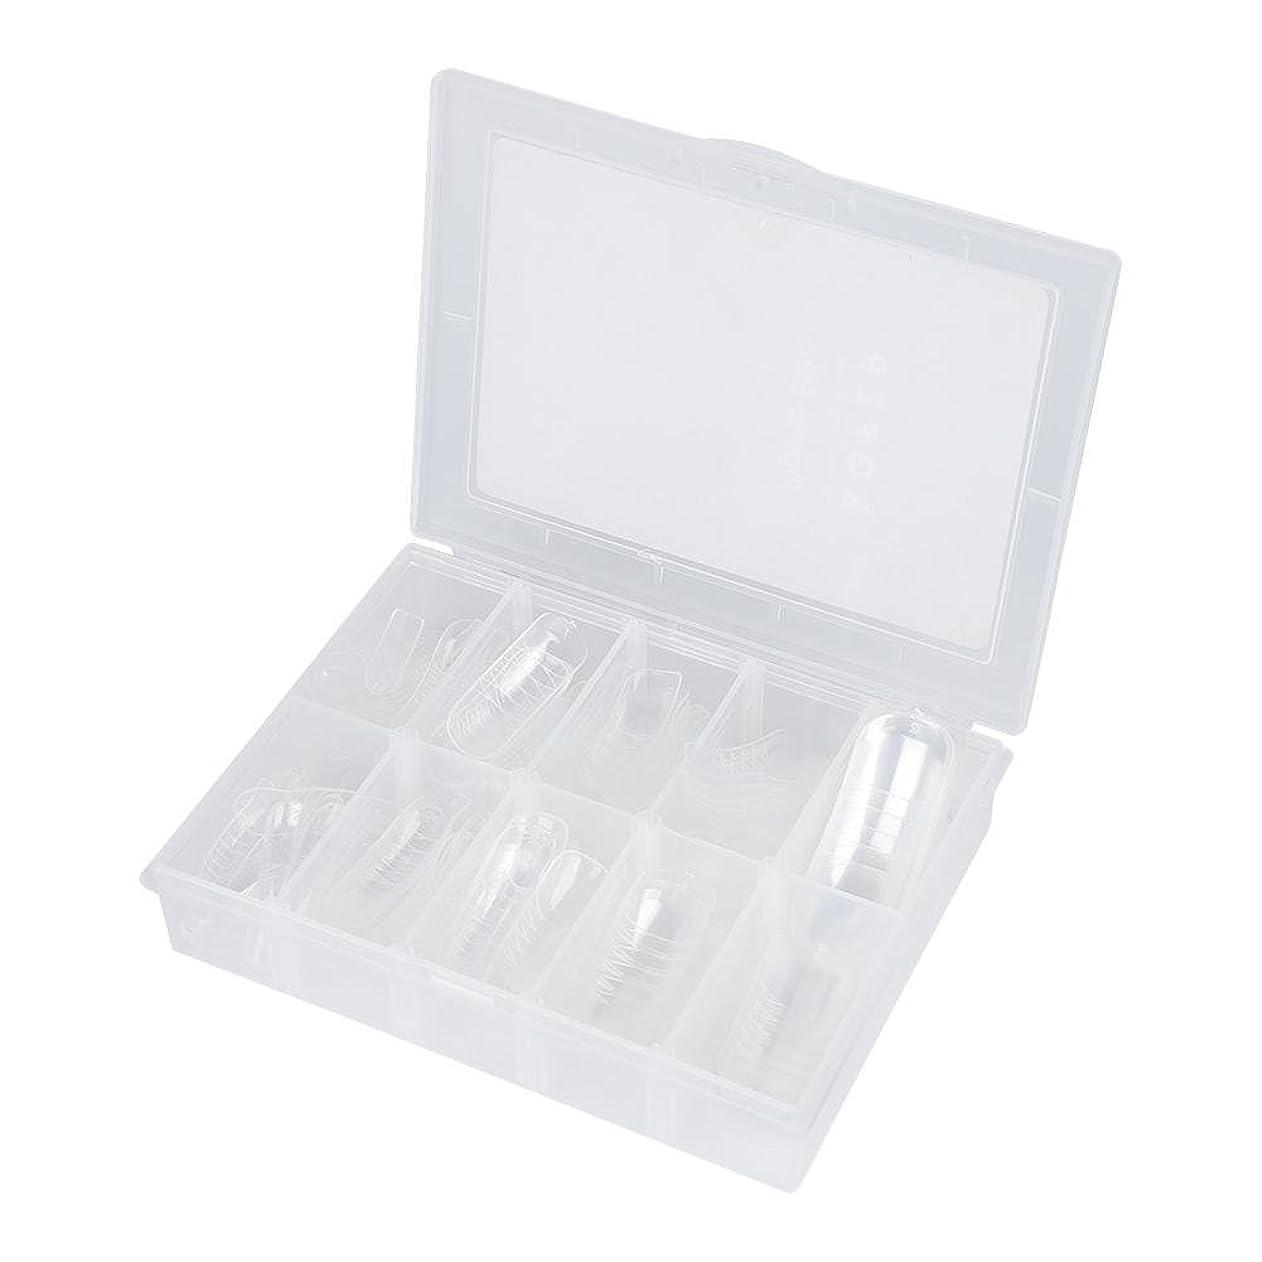 ラボ明確にダウンタウンネイルチップ - Delaman つけ爪、クリア、透明、120枚入れ